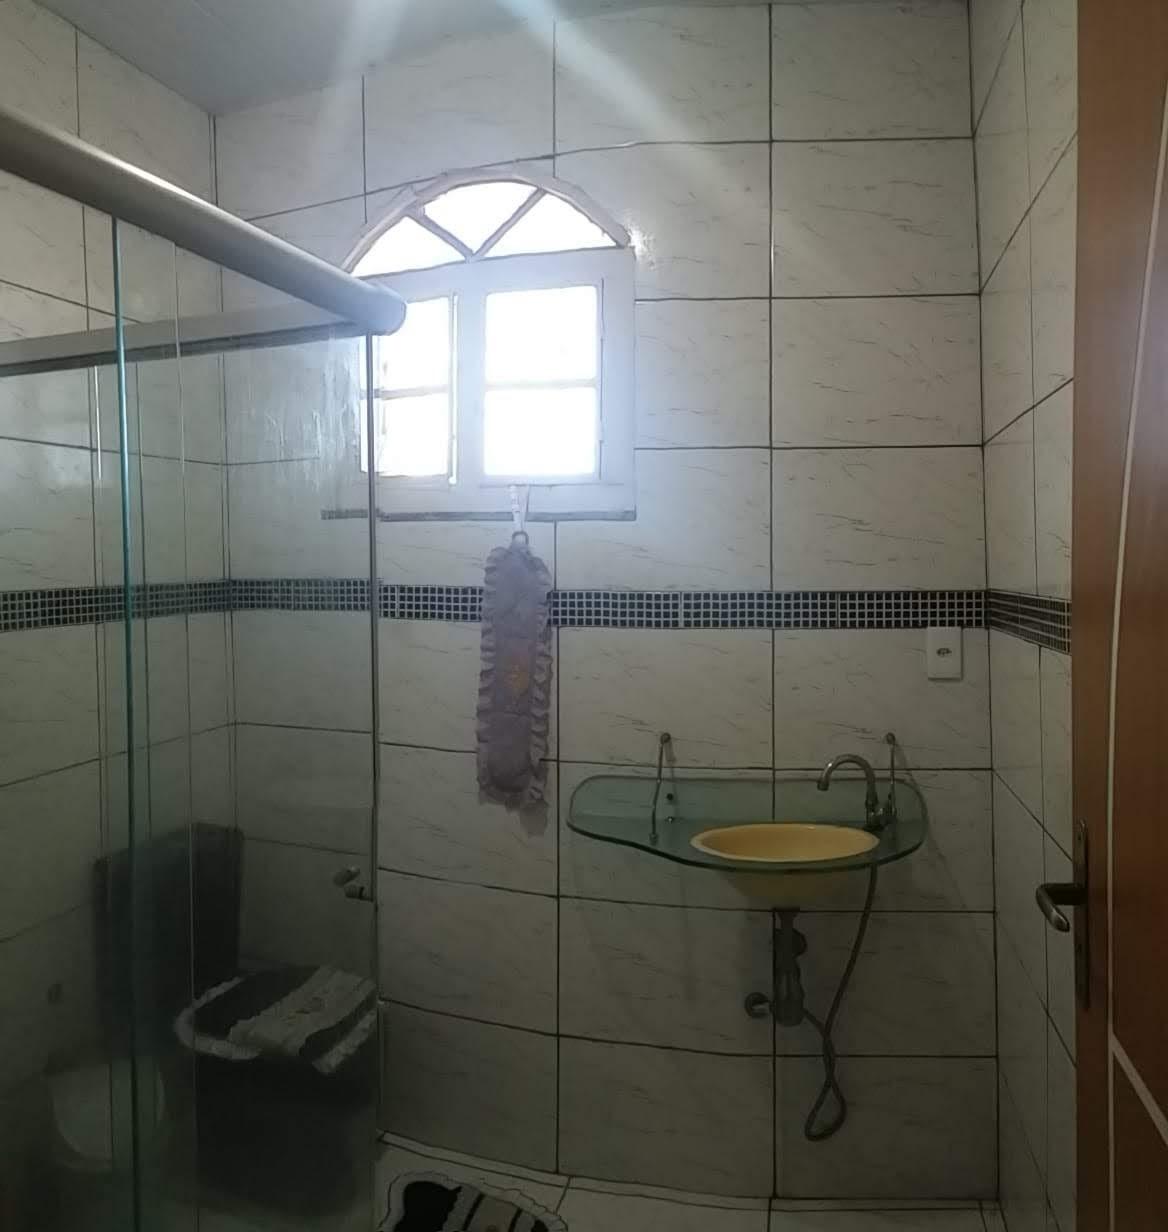 FOTO 02 - Casa 2 quartos à venda Guaratiba, Rio de Janeiro - R$ 190.000 - CA00614 - 3